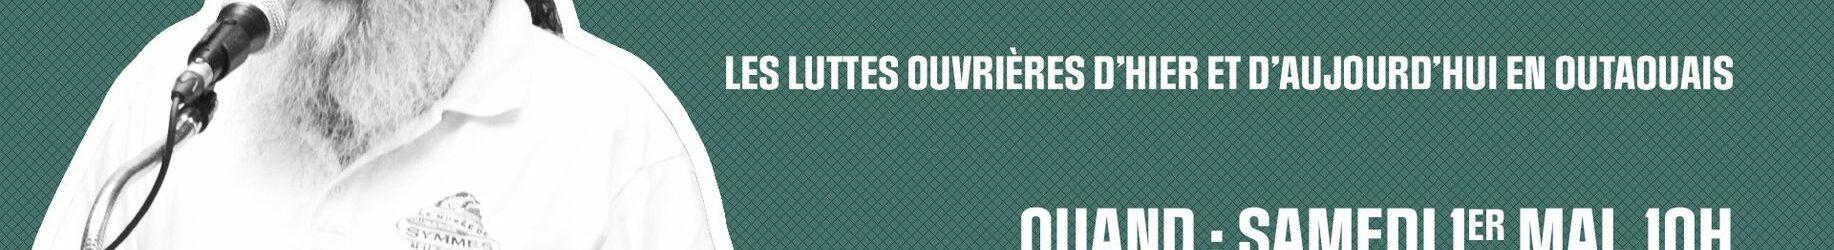 Activité du 1er mai   Conférence de Roger Blanchette, historien